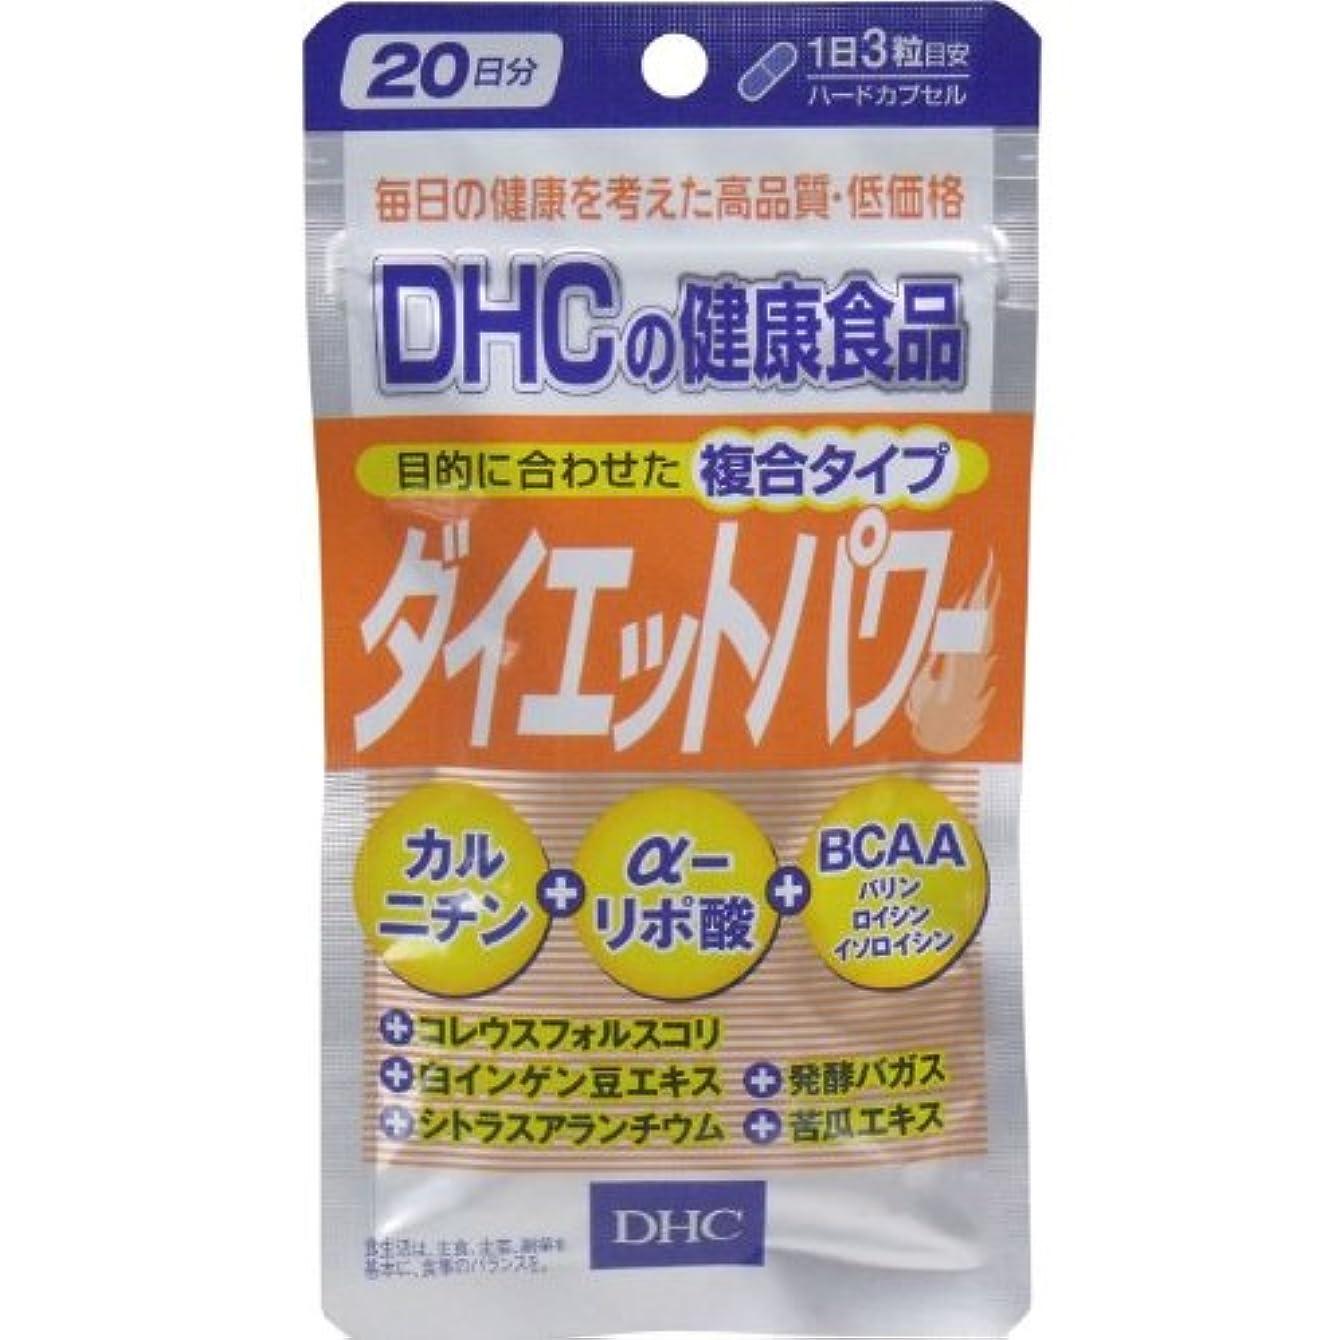 雄弁家スケジュールサイトラインDHC ダイエットパワー 60粒入 20日分【2個セット】